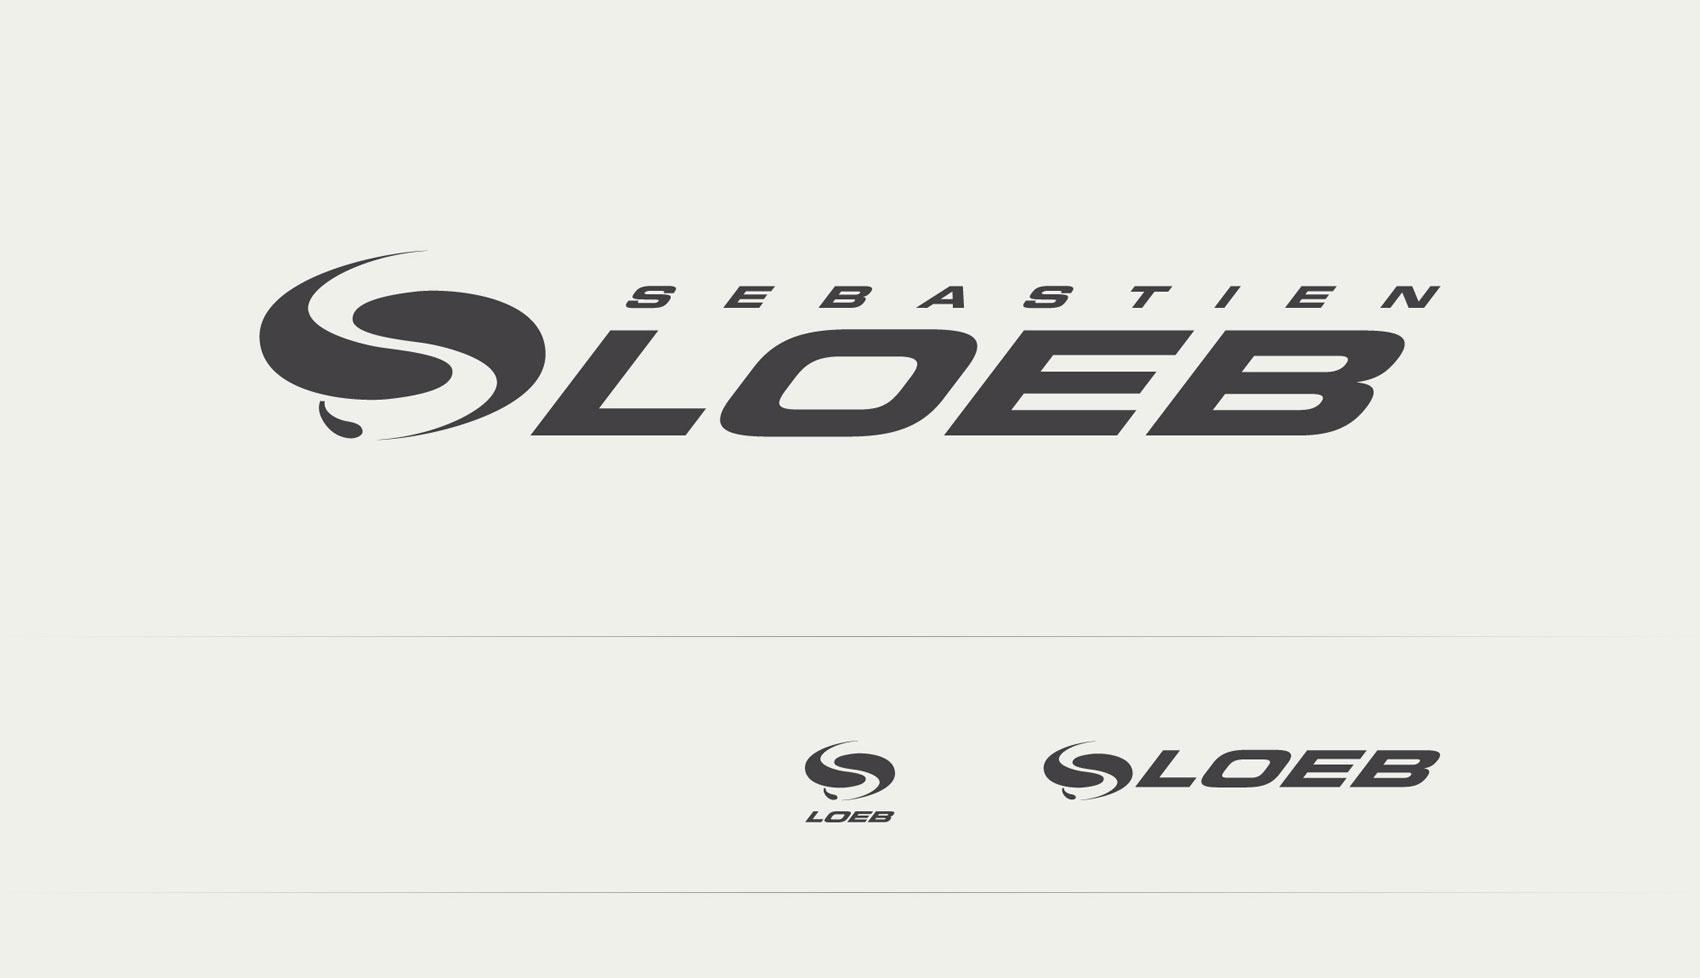 sebastien-loeb-2